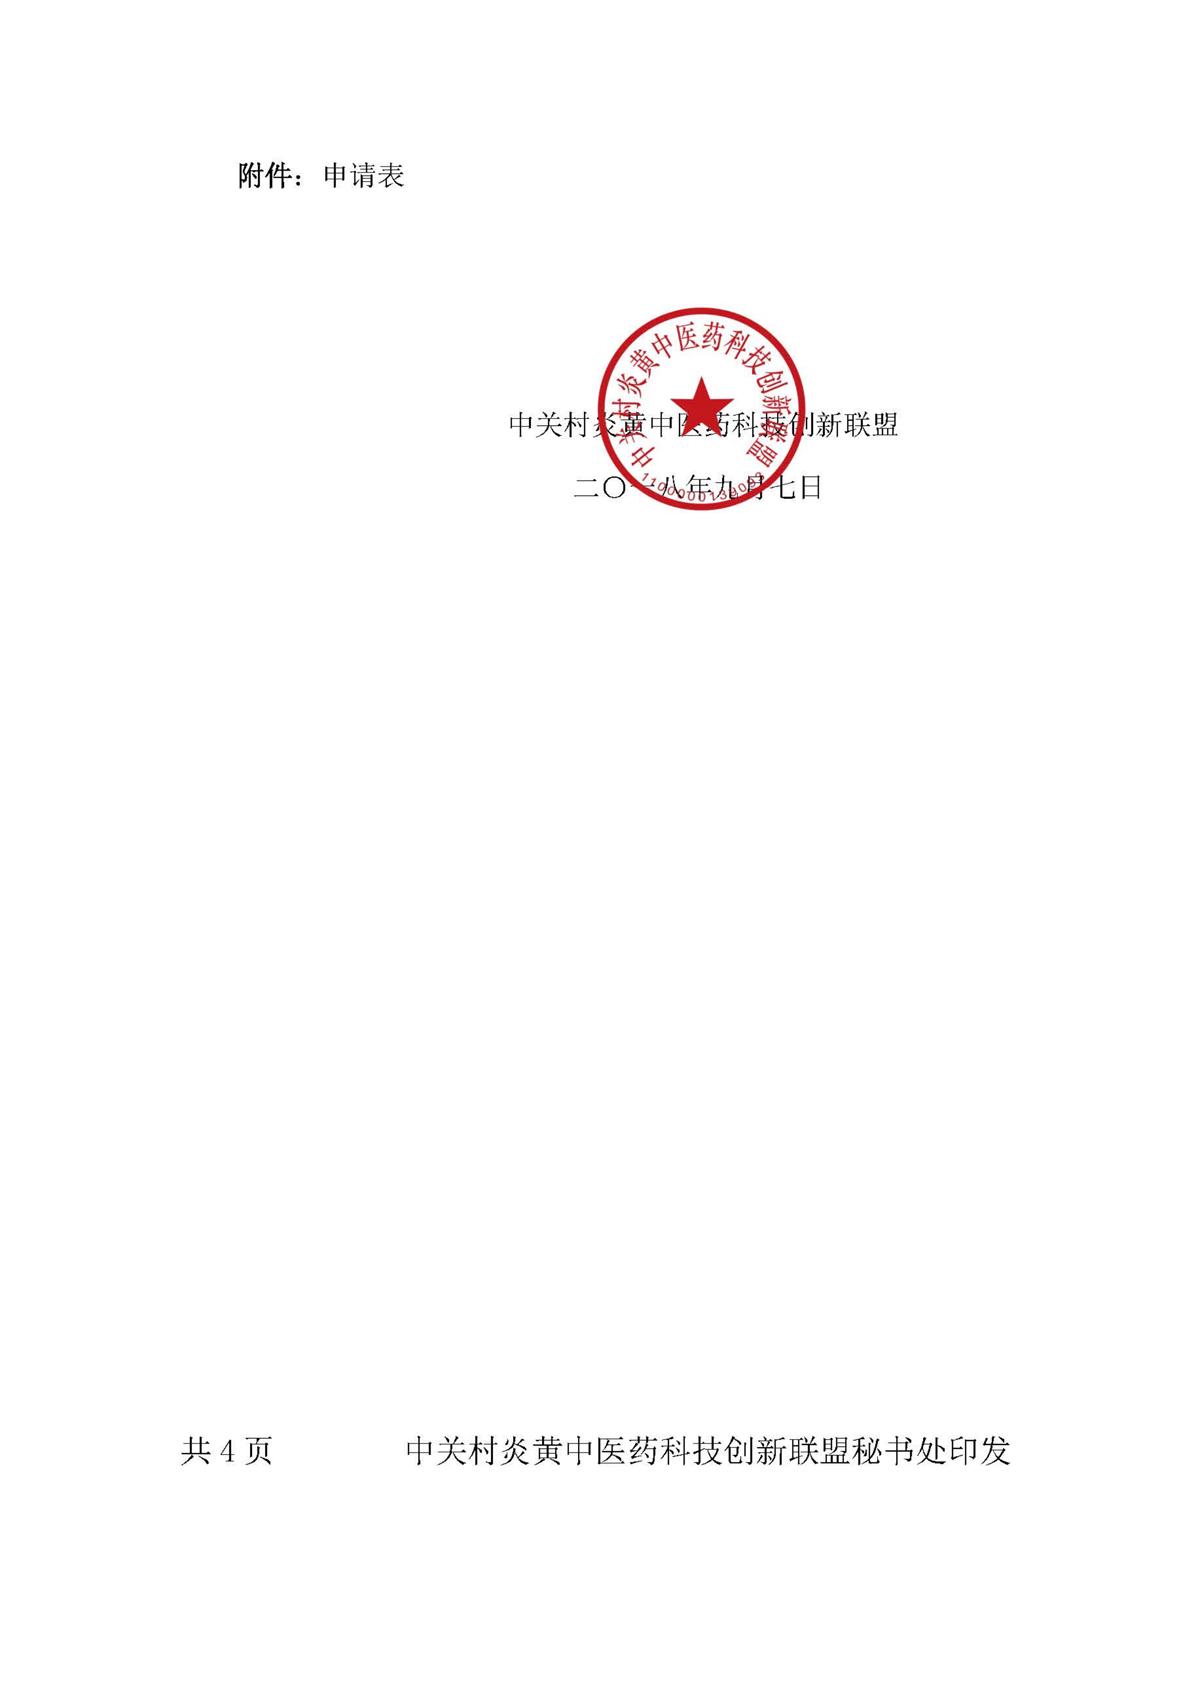 关于成立中医祖庭智库的函(JPG)_02.png